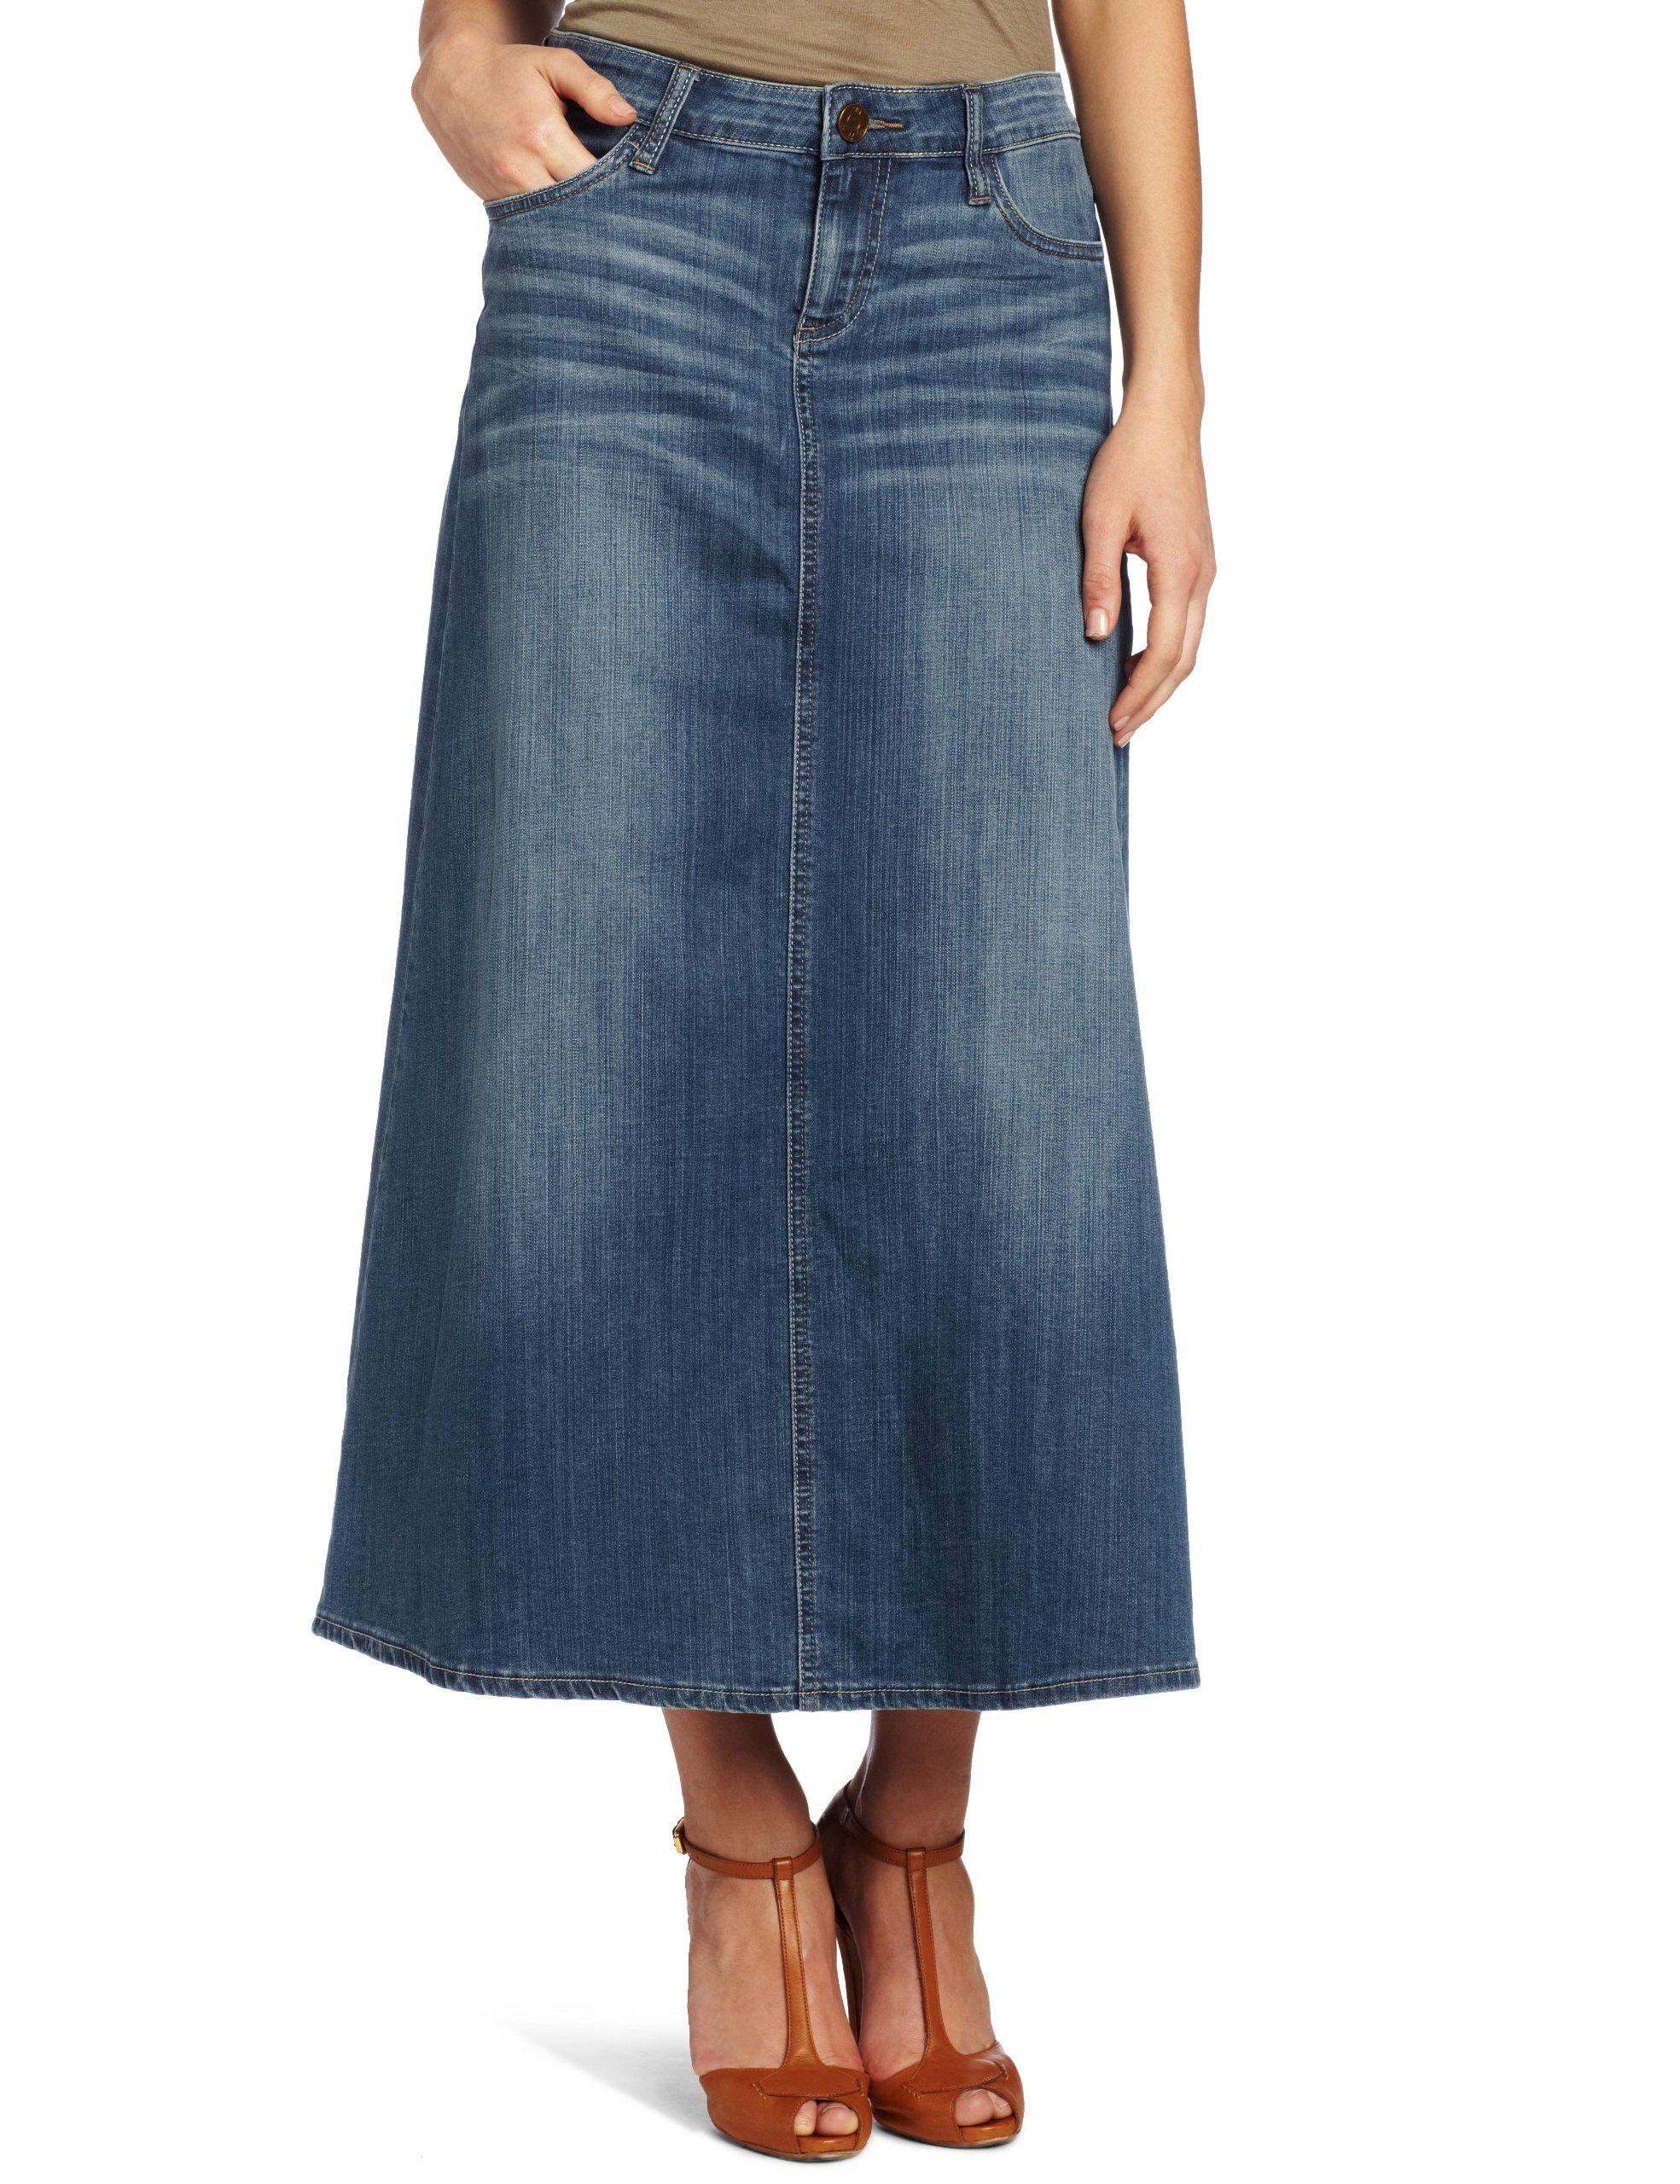 2c4cf938f5 KUT from the Kloth Women s Long Denim Skirt